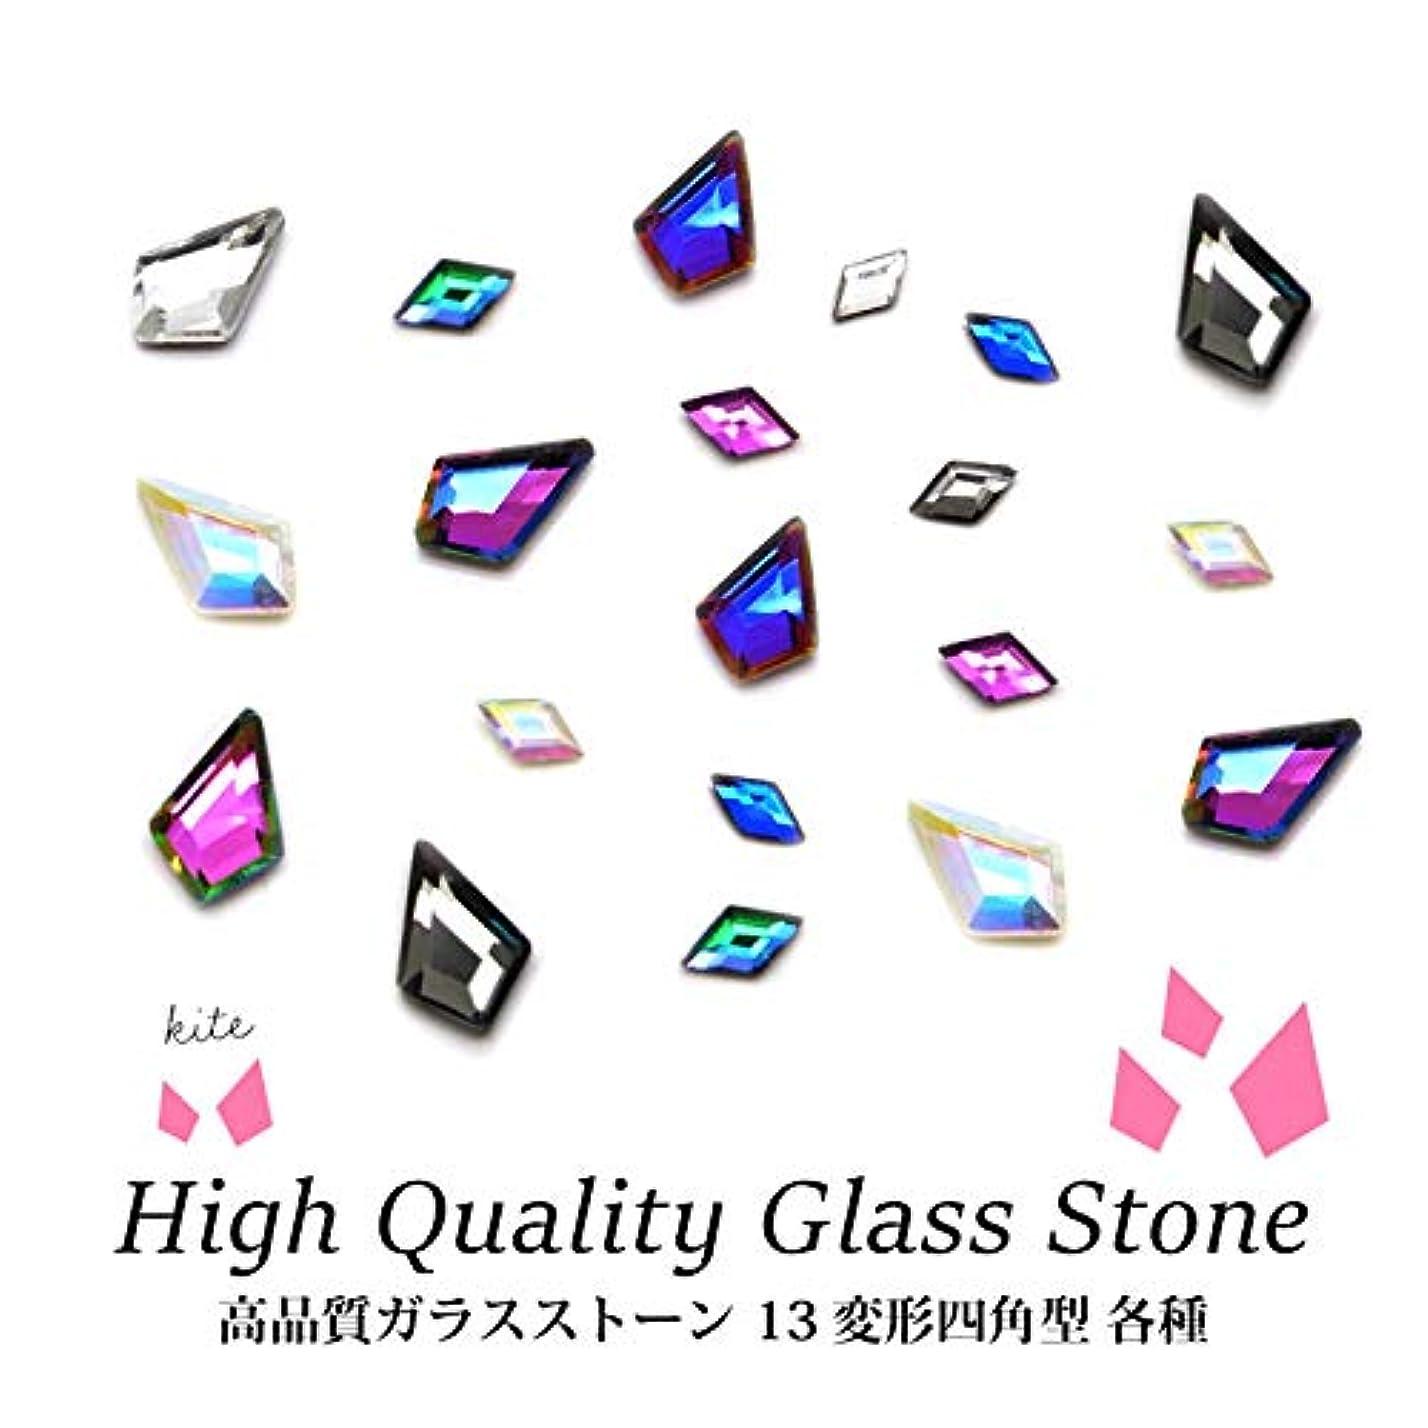 タンパク質リール疲れた高品質ガラスストーン 13 変形四角型 各種 5個入り (3.ブラックダイヤモンド)